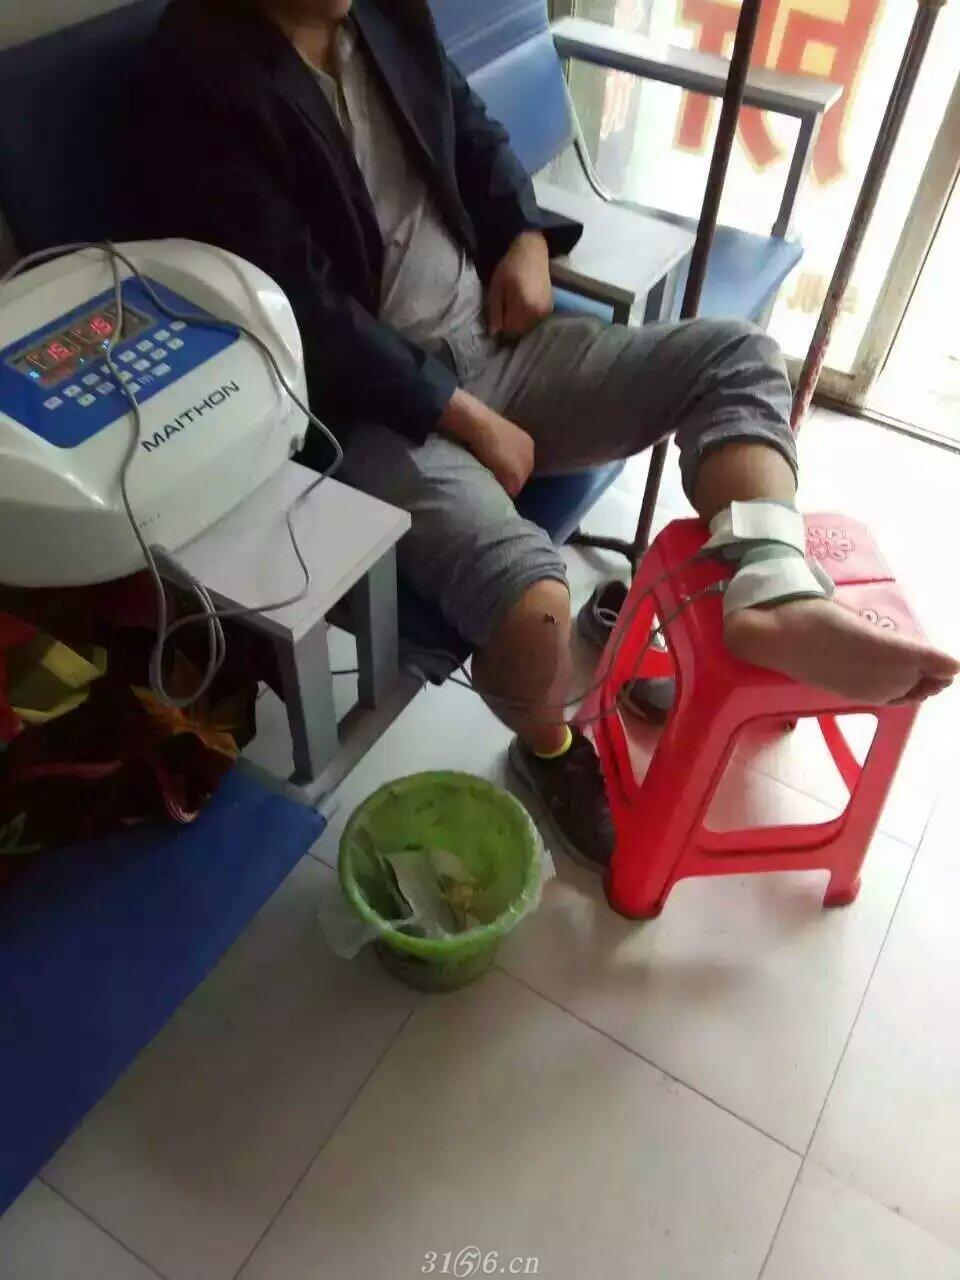 中医定向透药治疗仪-康复理疗